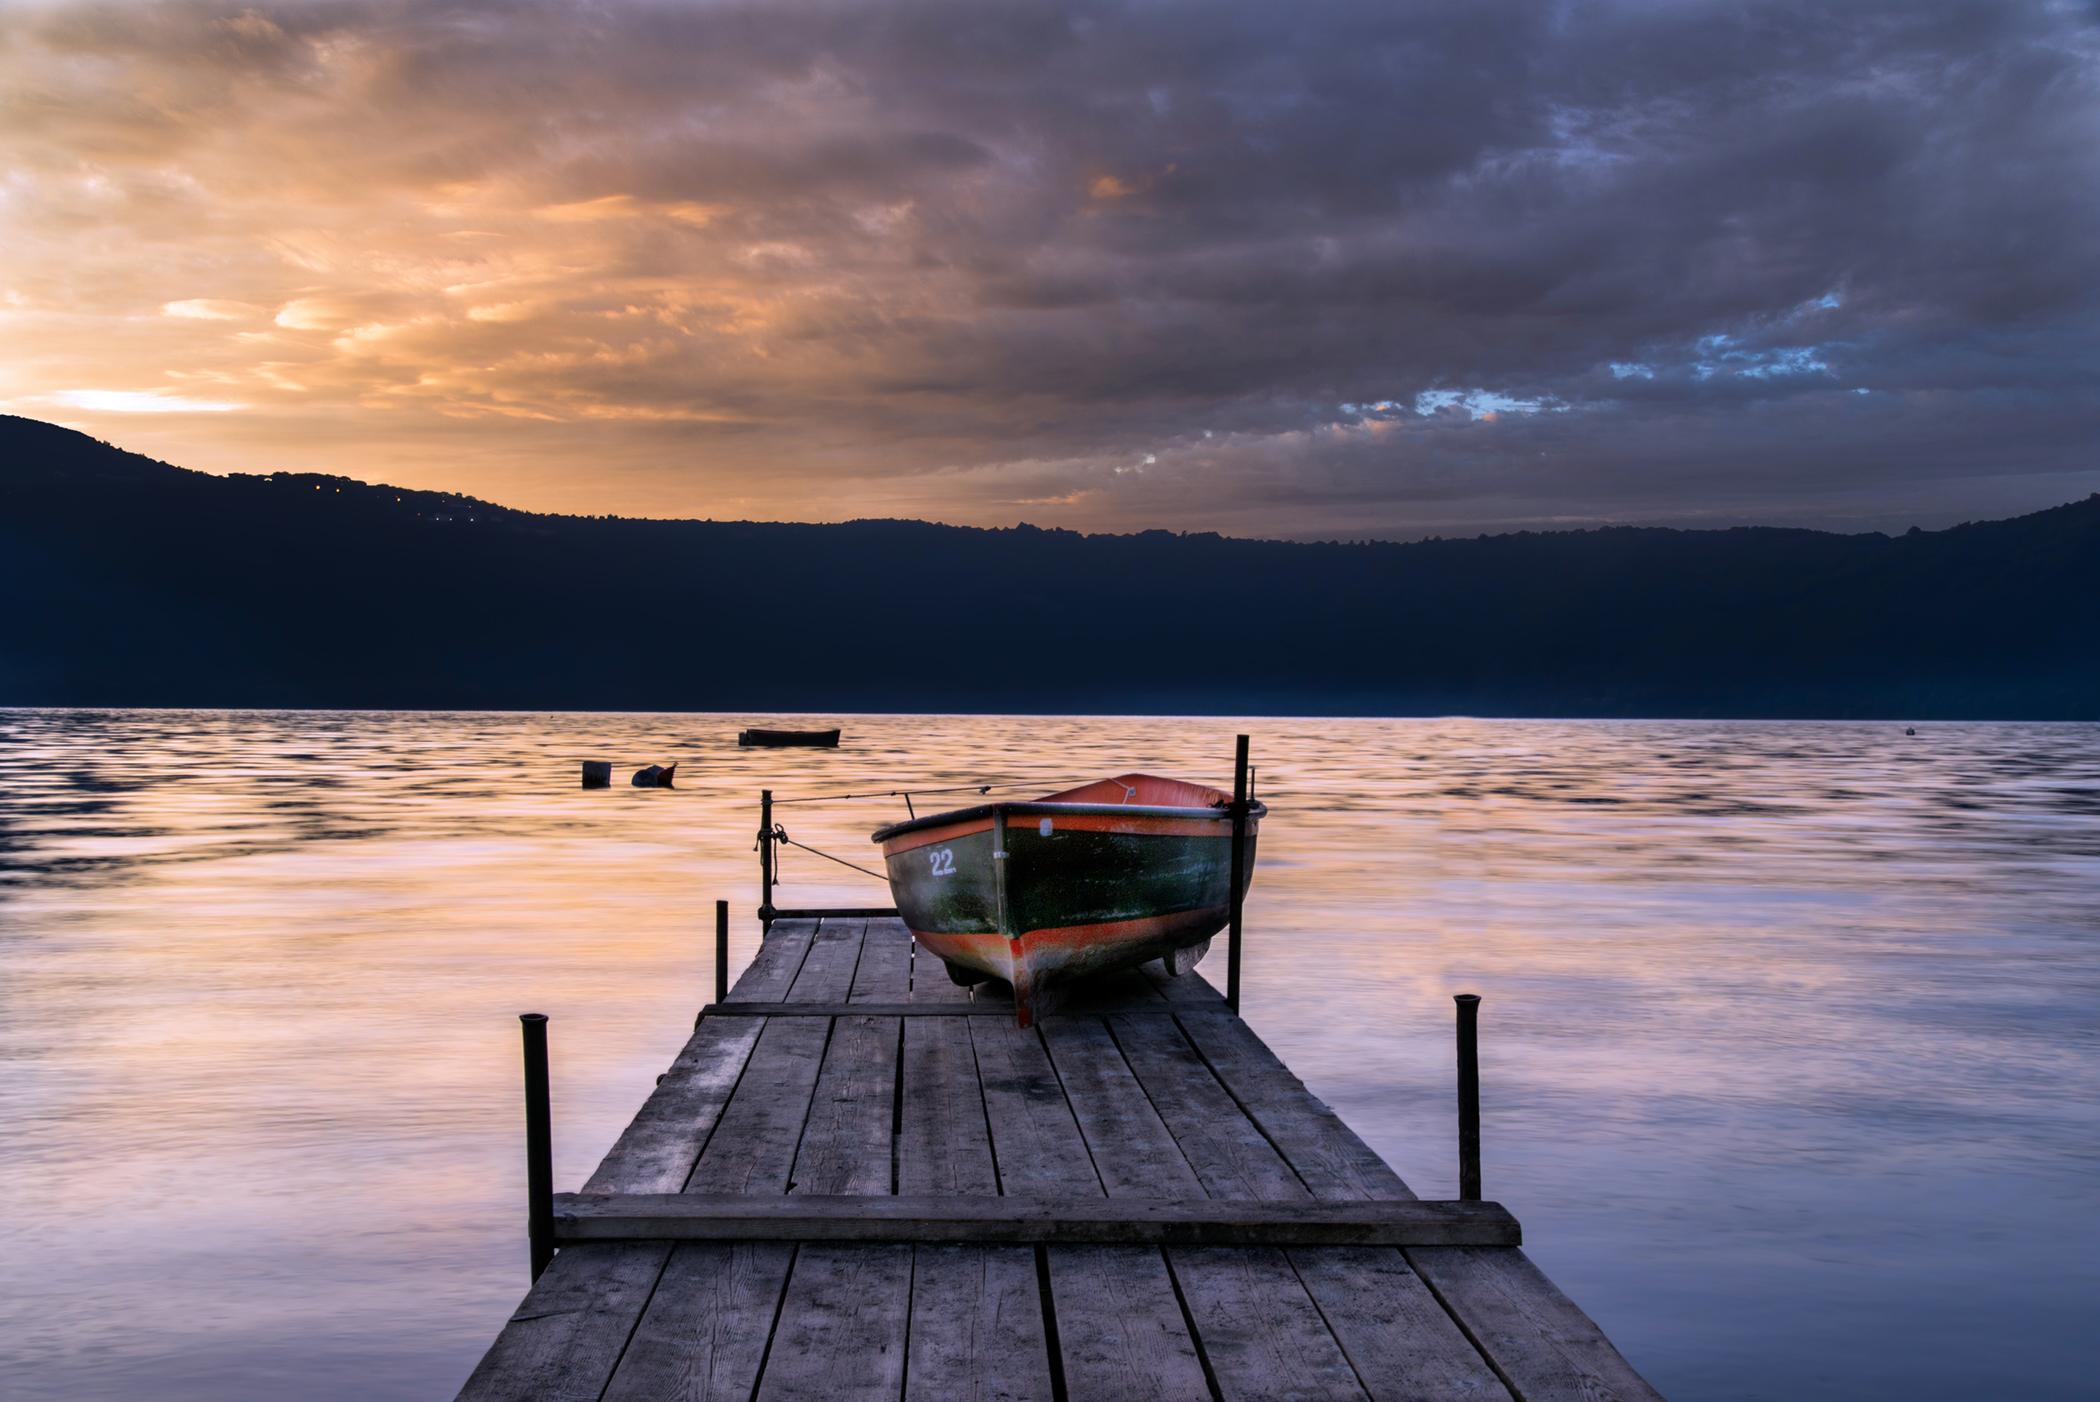 Sunrise at the Lake...